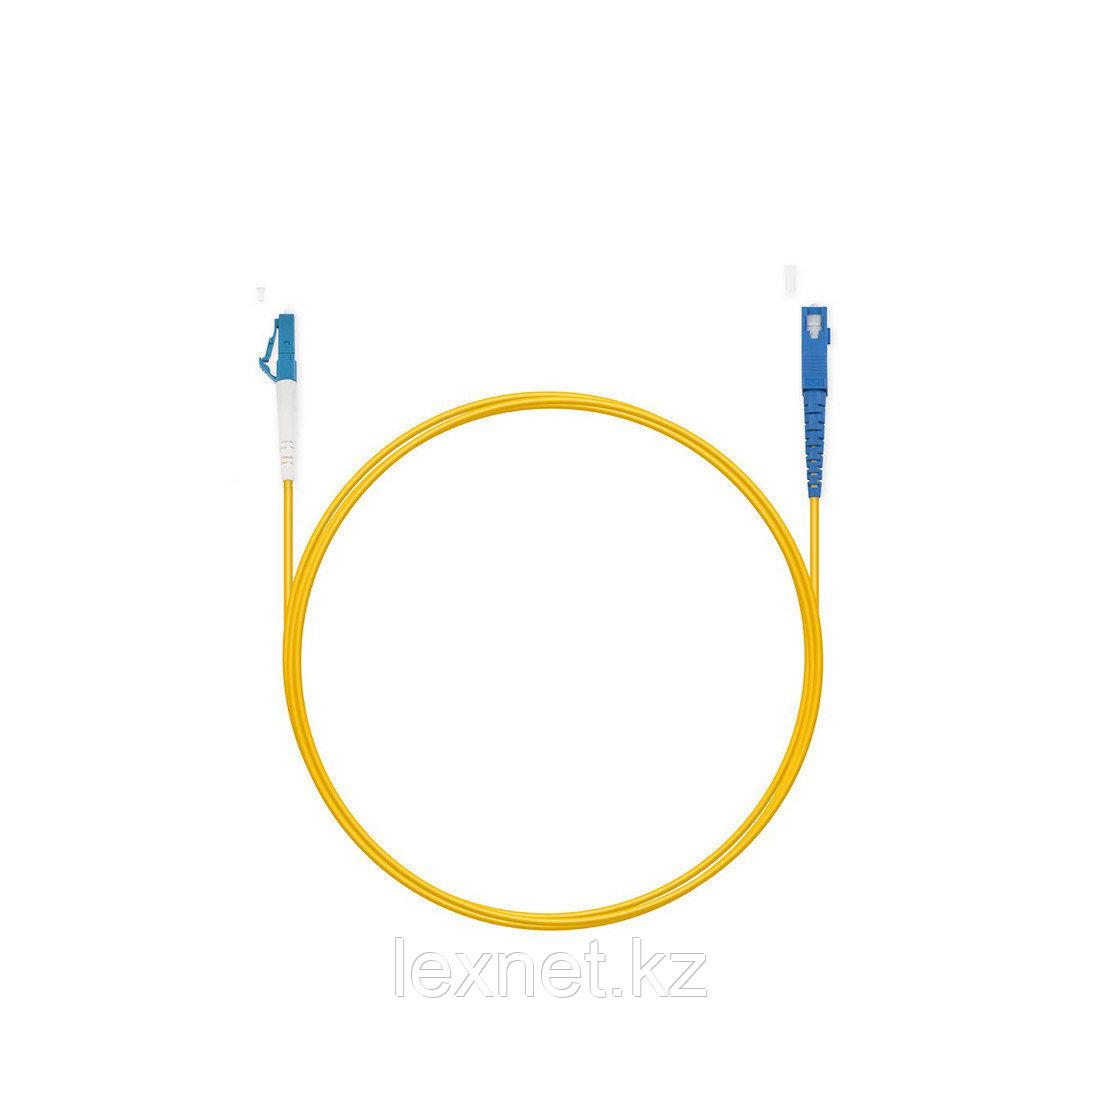 Патч Корд Оптоволоконный LC/UPC-LC/UPC SM 9/125 Simplex 3.0мм 1 м